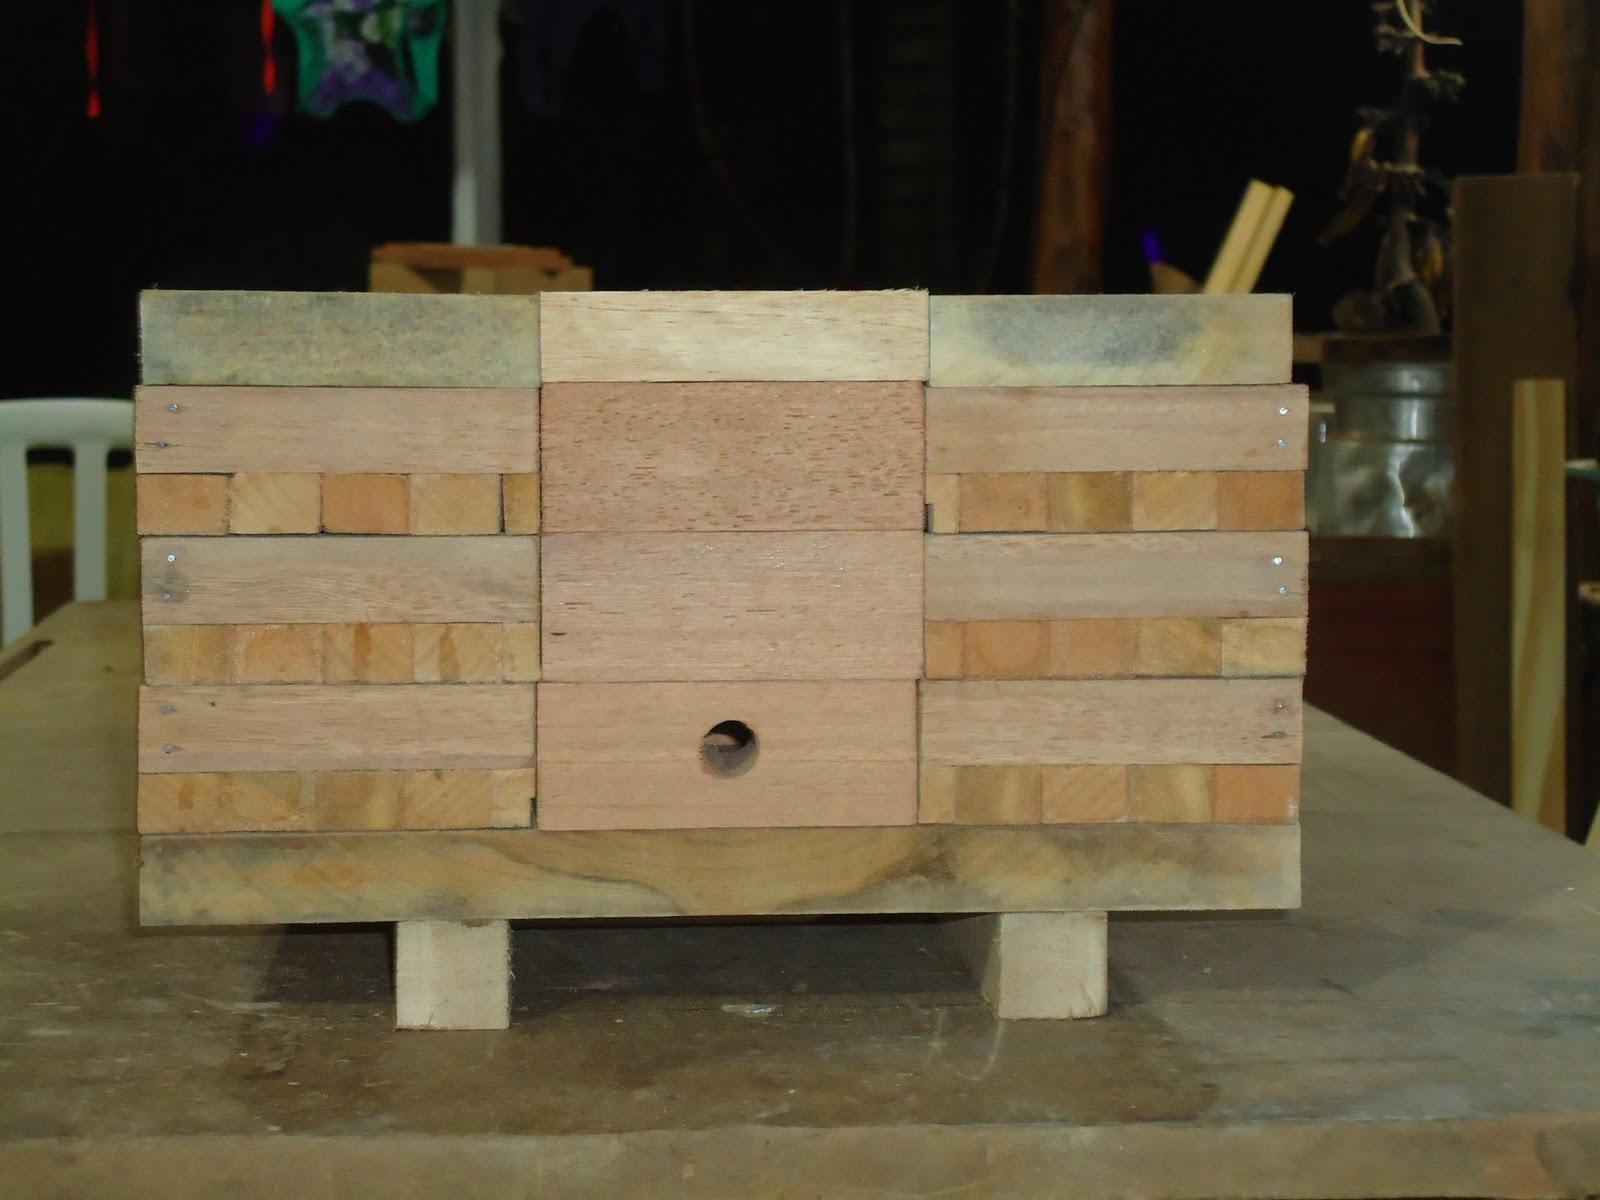 Caixas para meliponicultura e criação de abelhas sem ferrão: Caixa  #896D42 1600x1200